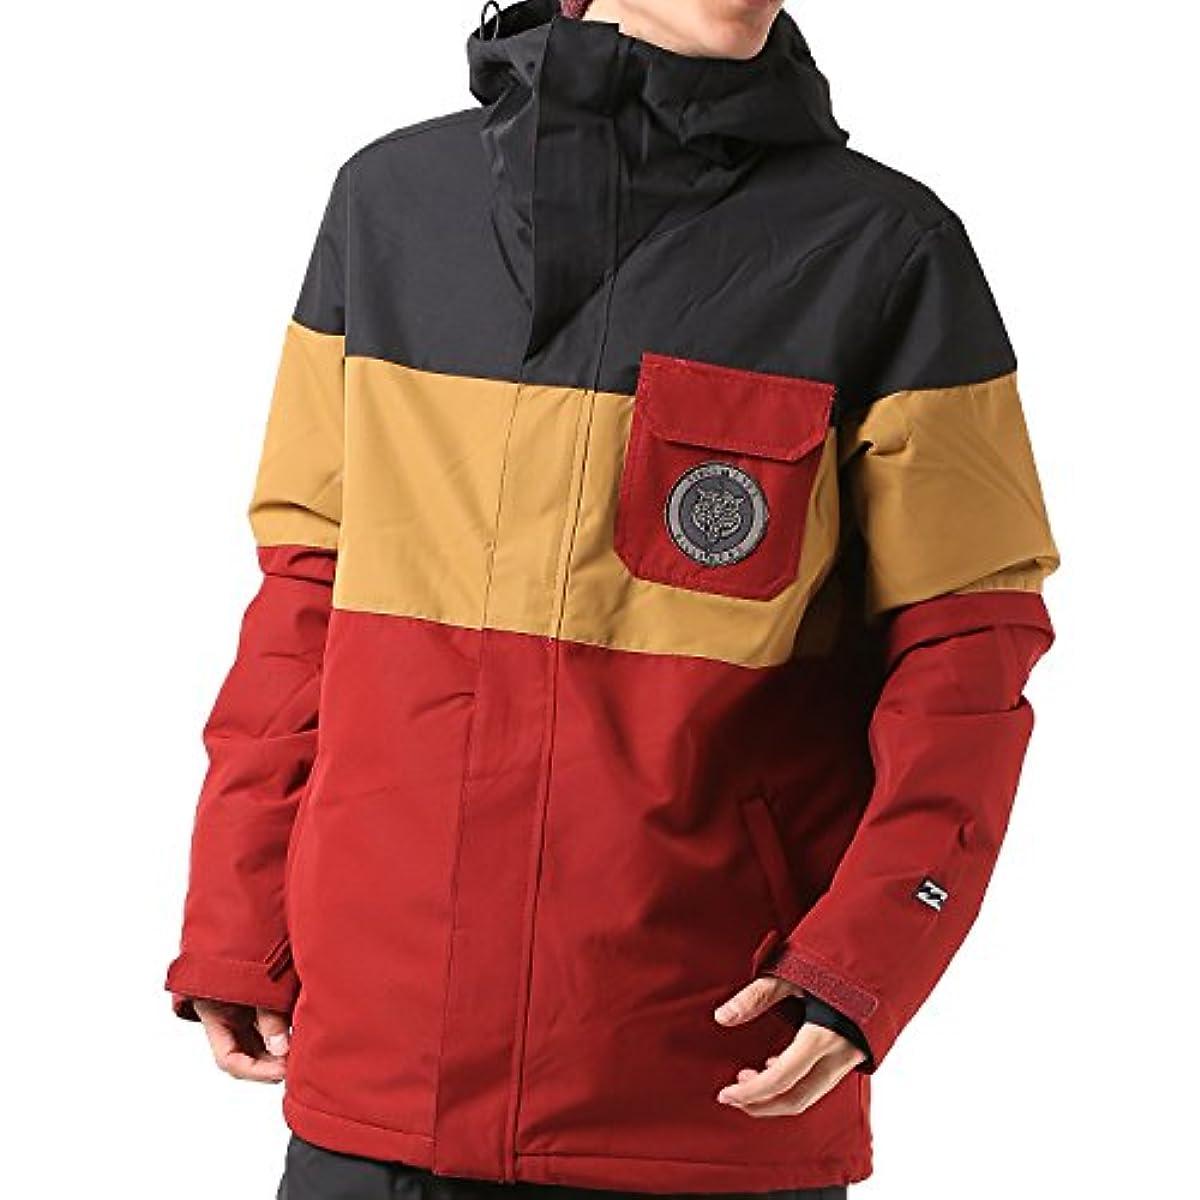 [해외] BILLABONG 빌라봉 스노보드 웨어 재킷 TRIBONG JK 17-18모델 맨즈 AH01M-756